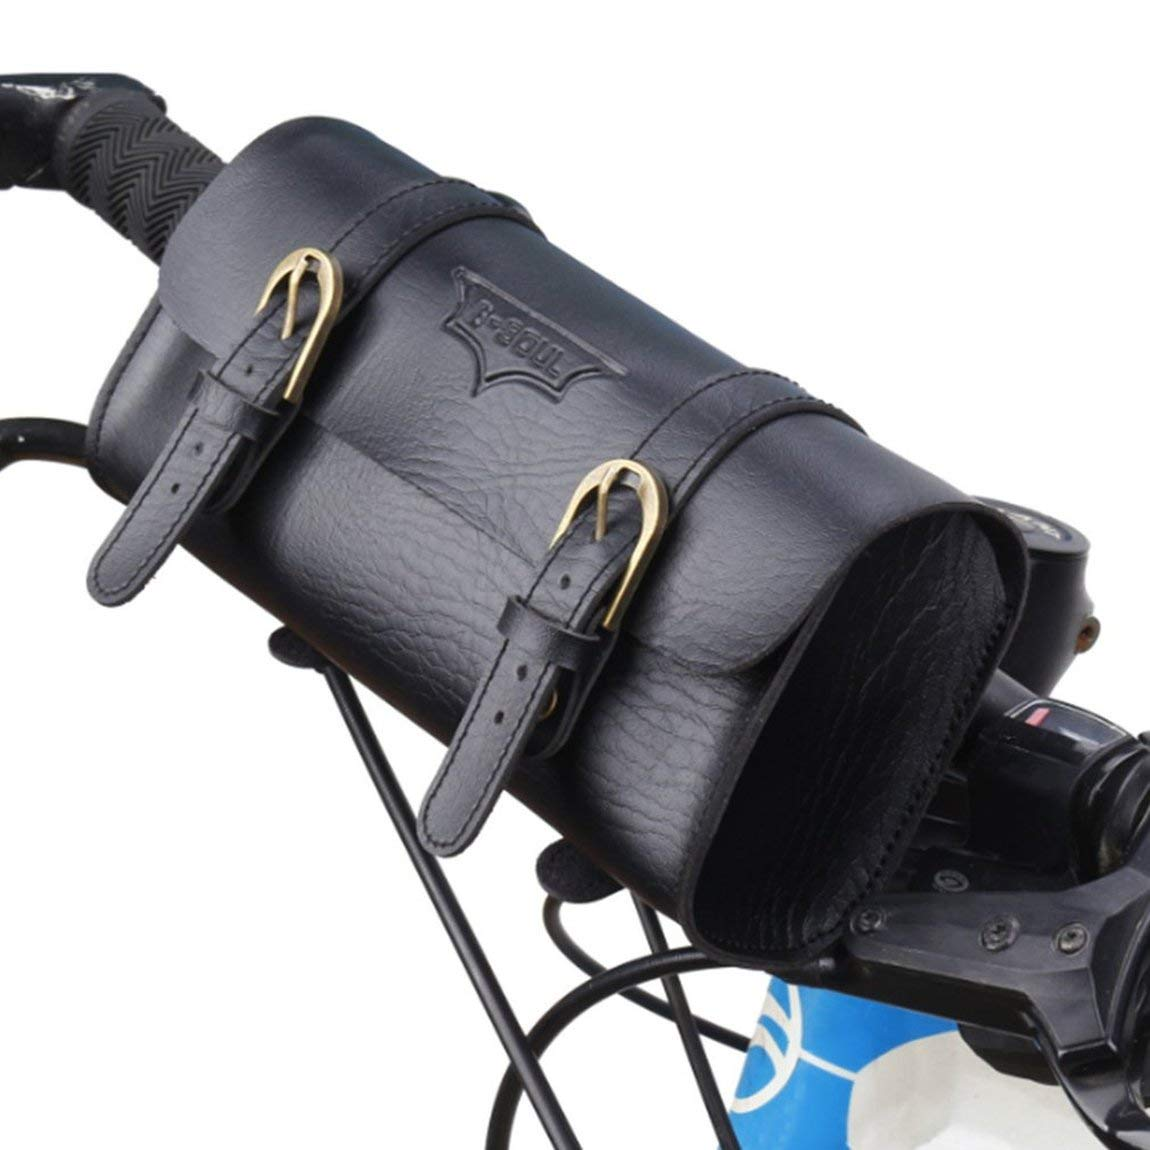 73JohnPol B-Soul Sacchetto per Manubrio Bicicletta Vintage Sacchetto per Bicicletta Coda Sacchetto per Ciclismo in Pelle Sella Sacchetto Coda Borsa per Bici Colore: Nero